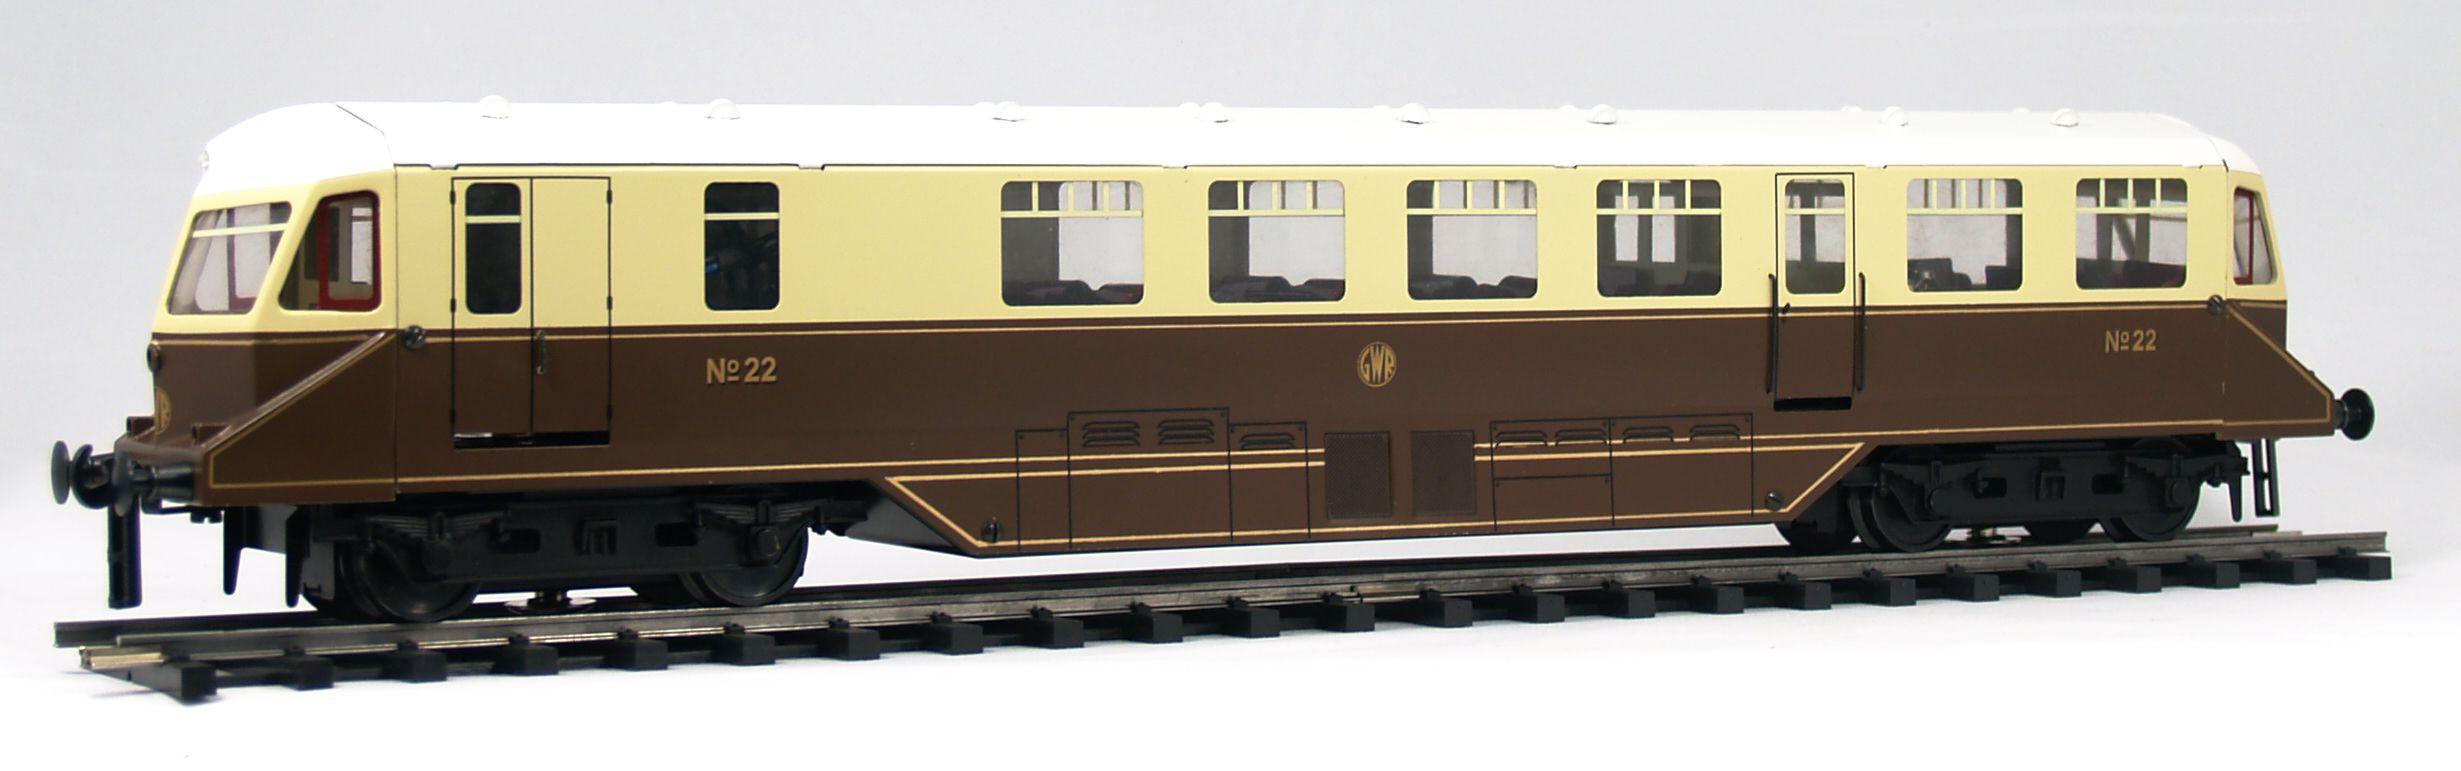 GWR Railcar